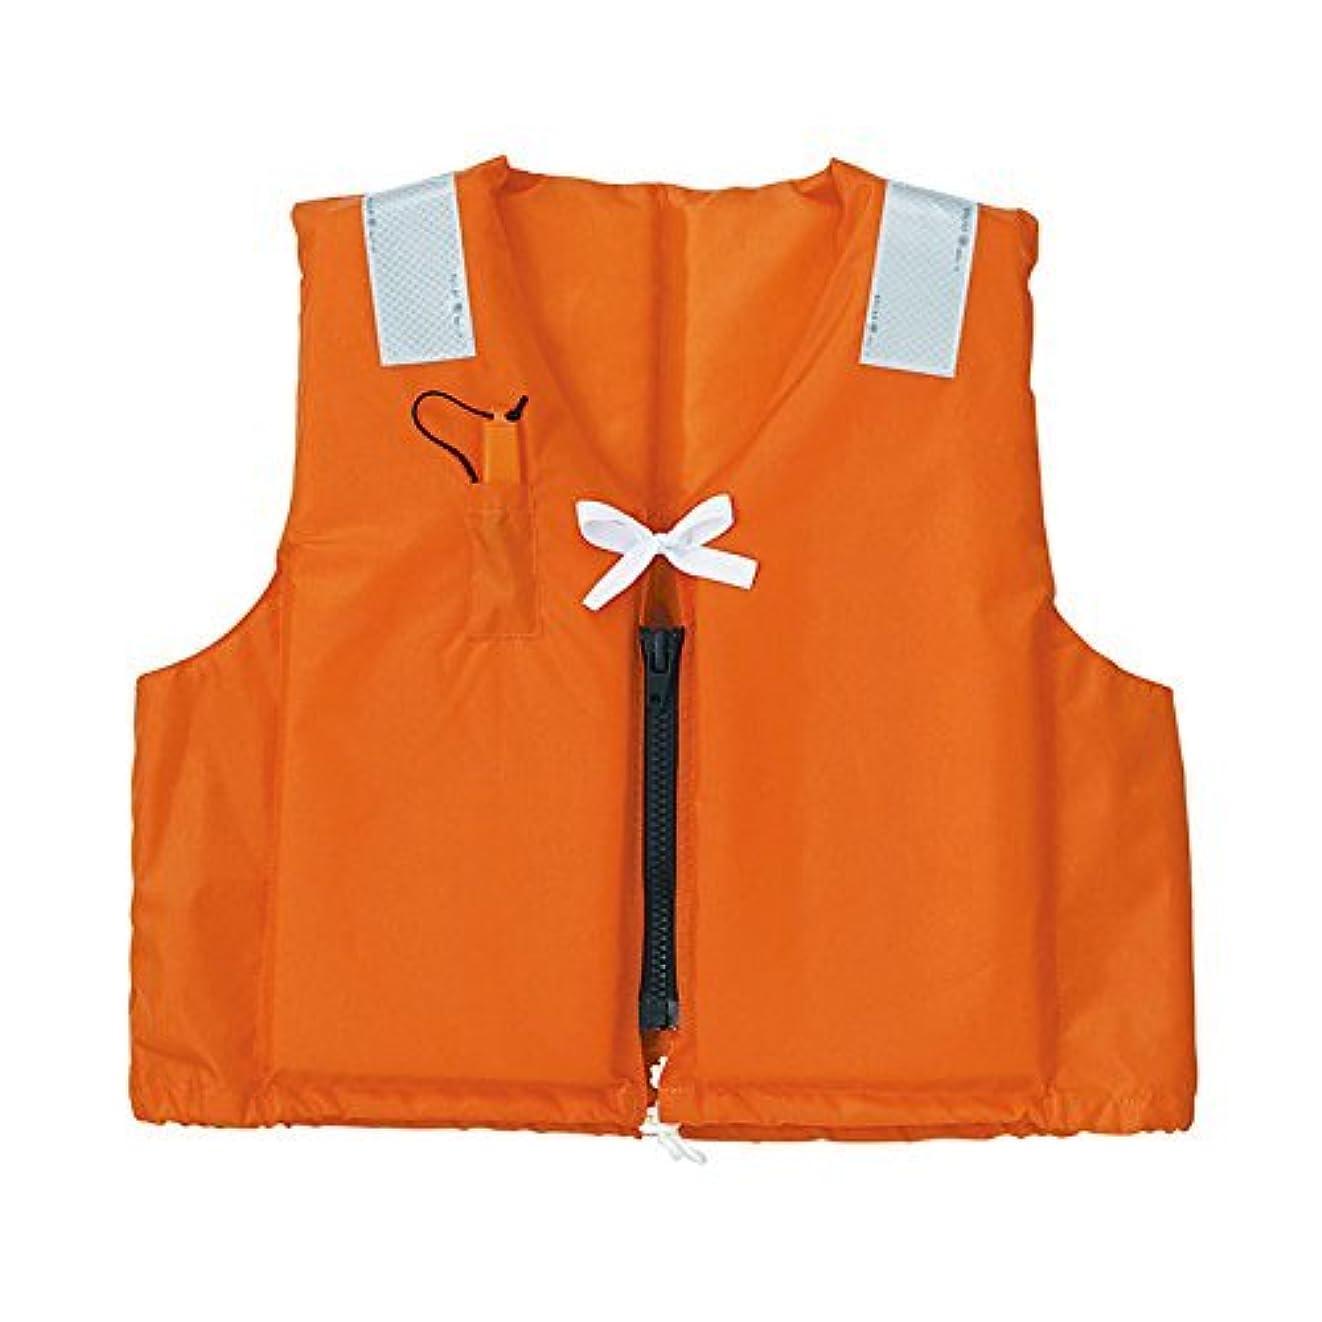 群れ残忍な第プロックス 小型船舶用救命胴衣検定品 型式承認品 (TK-30RS) TK30RS オレンジ フリー/大人用